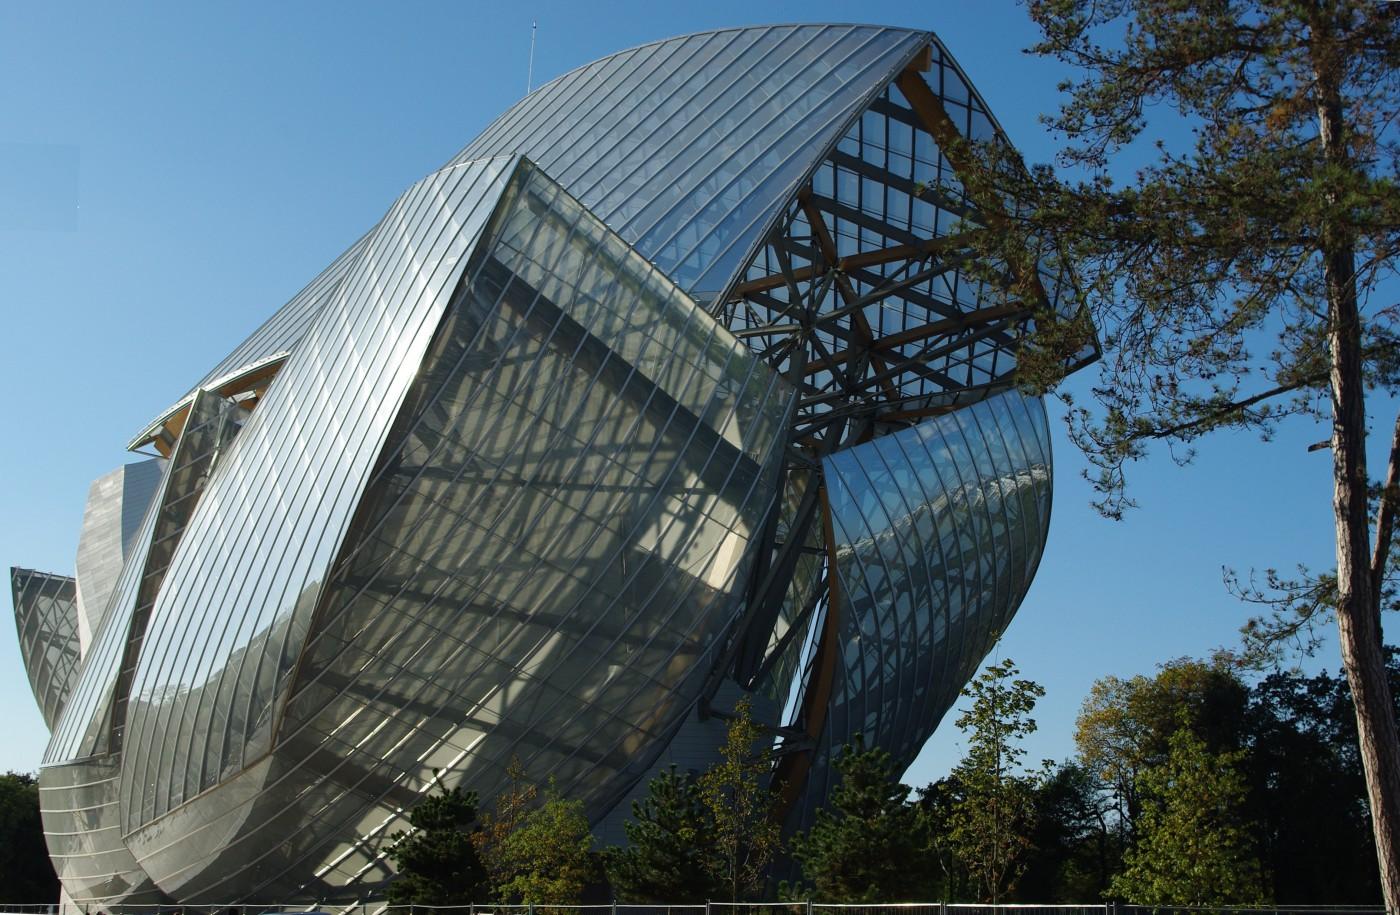 מוזיאון לואי ויטון, צילום מבחוץ. צילום: Olevy ברישיון CC-BY-SA-4.0